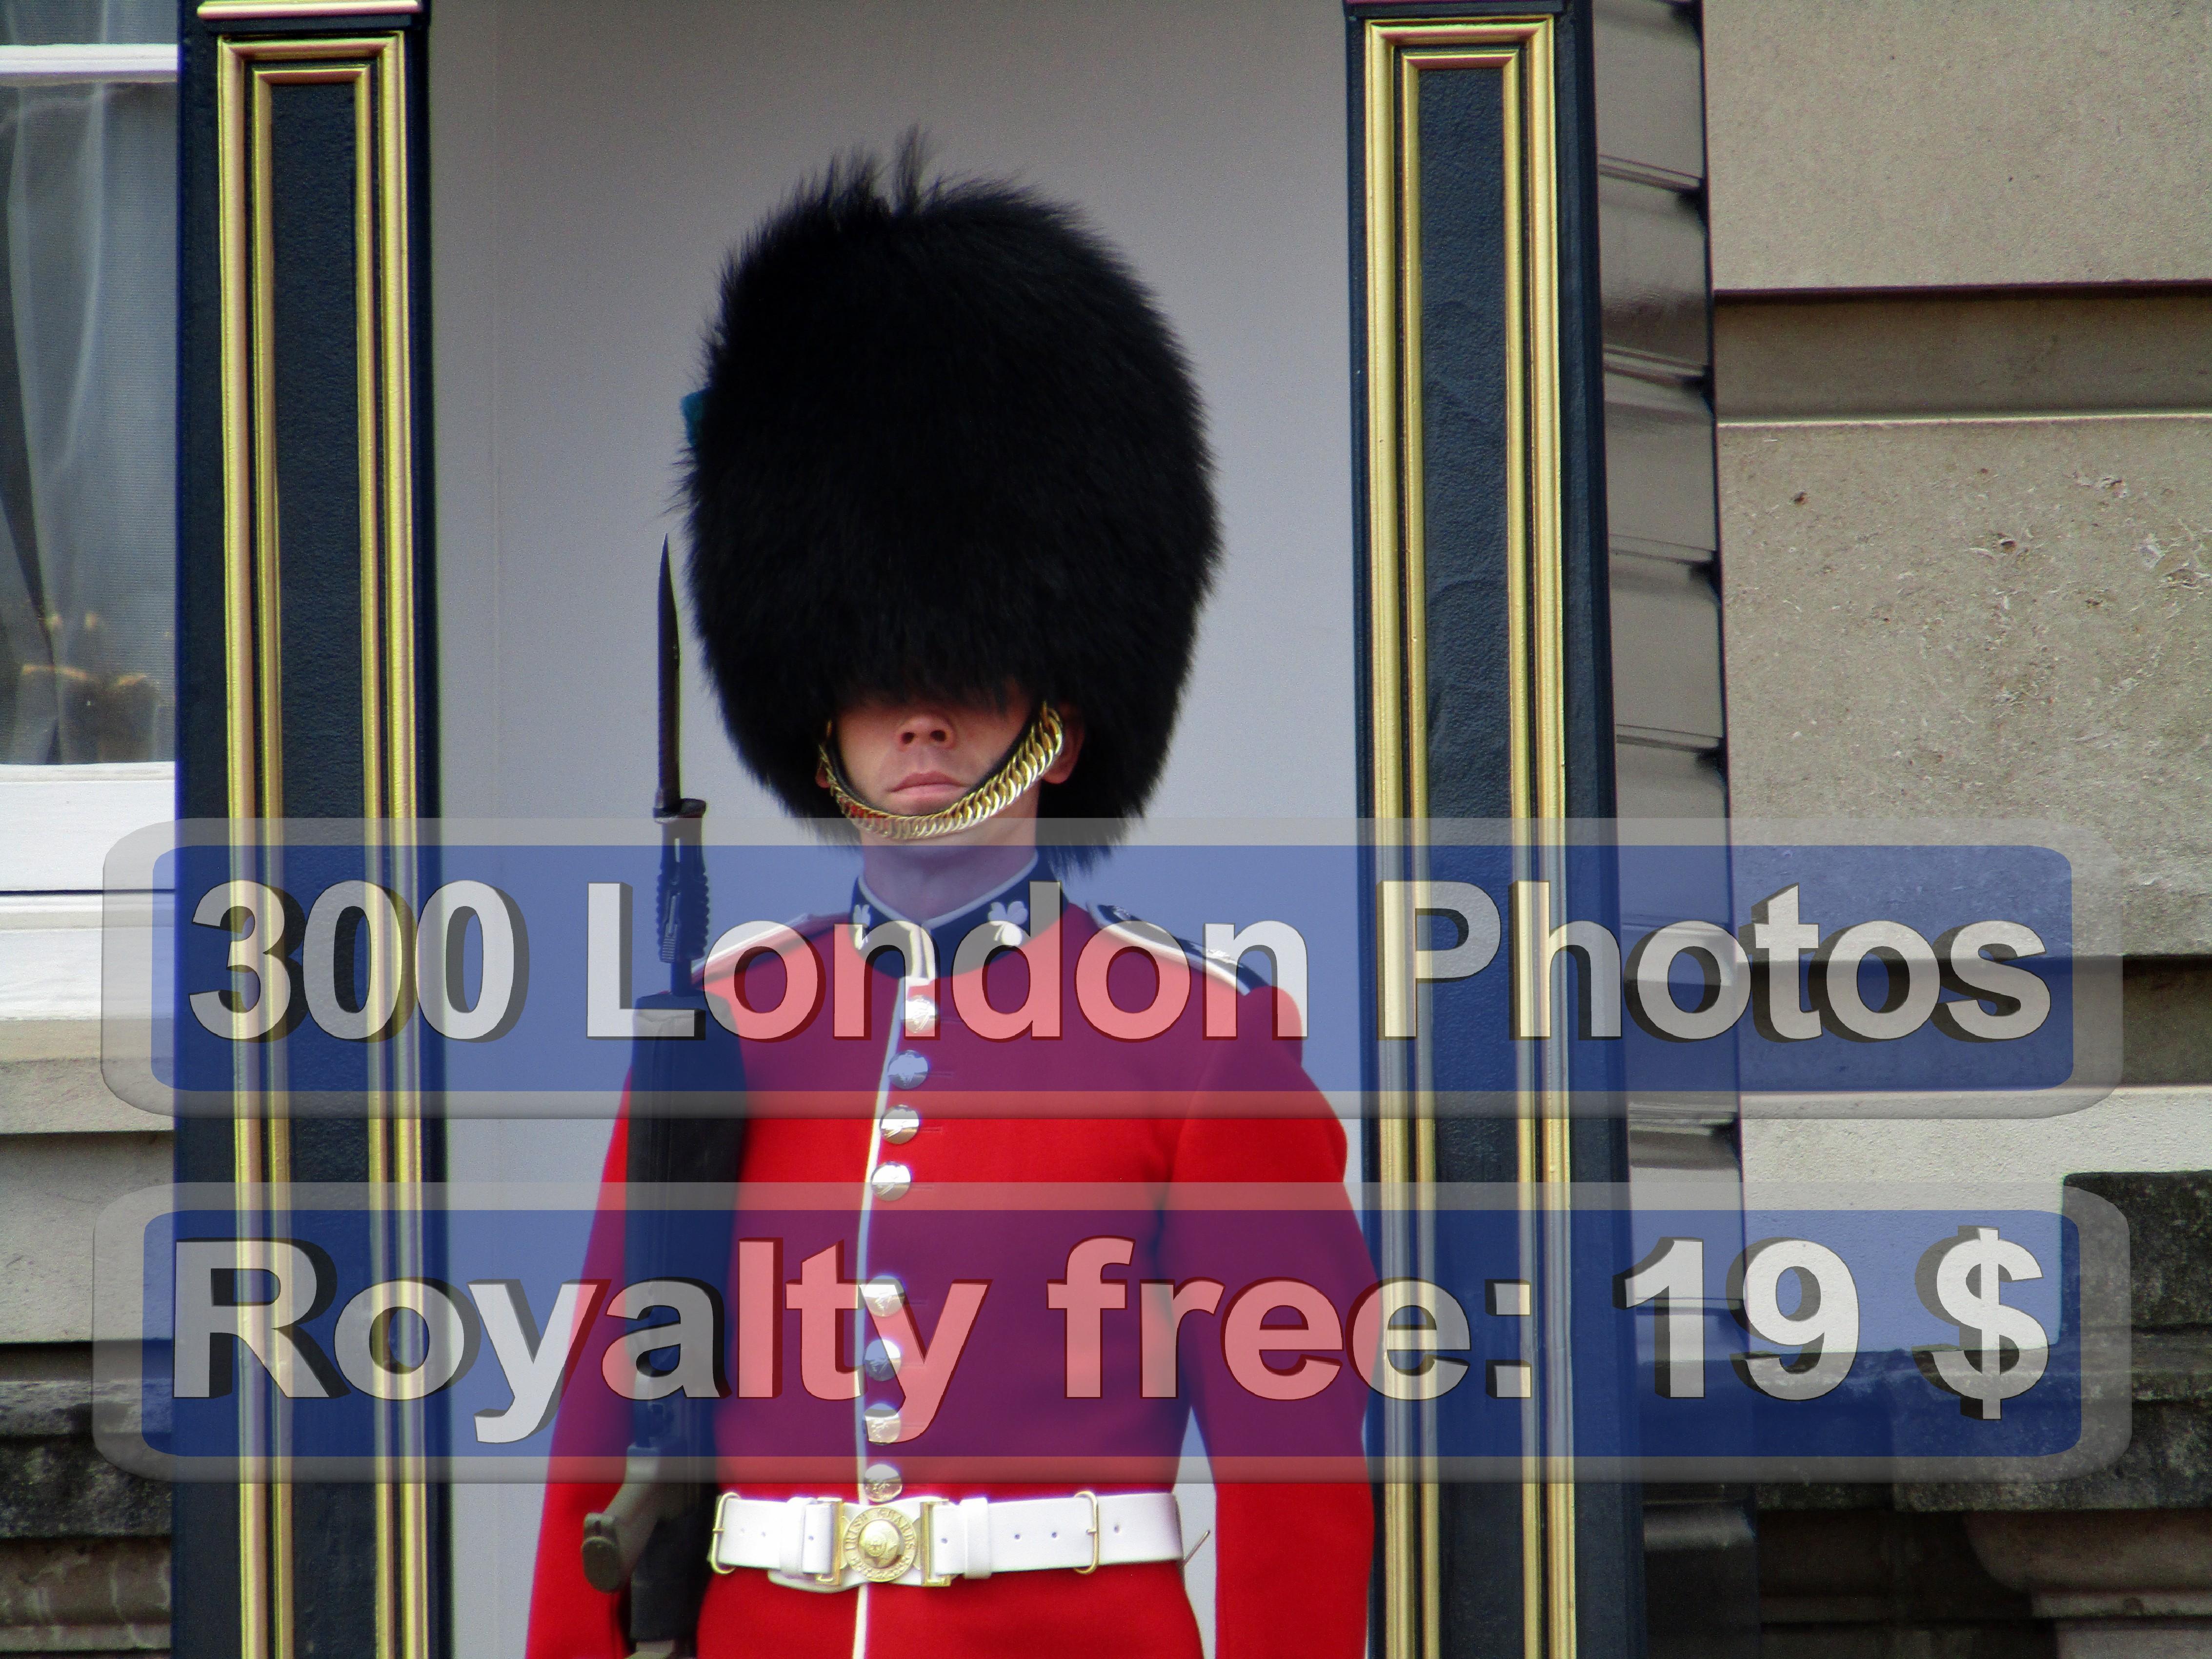 London Photo Book Fair